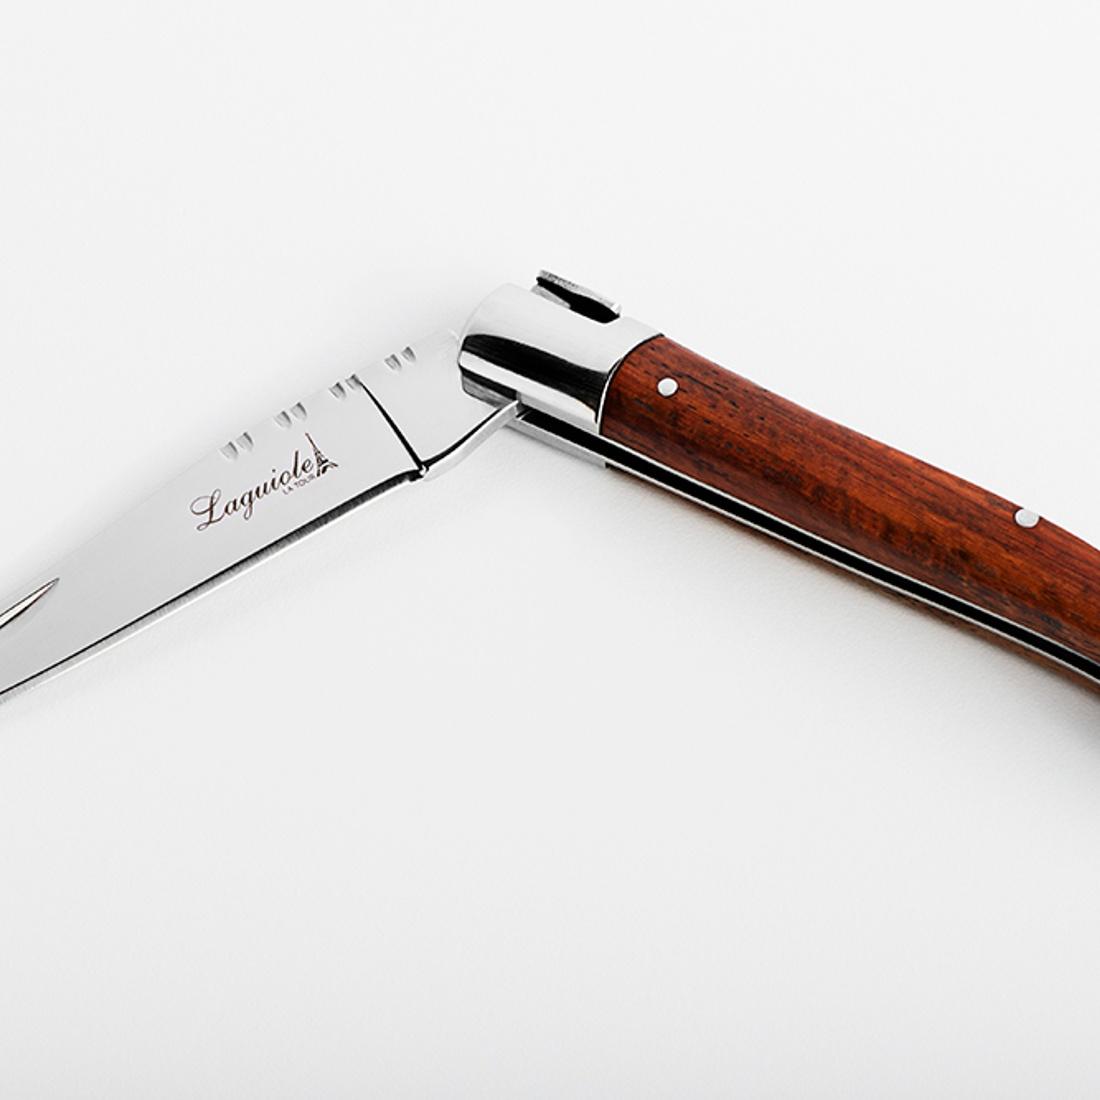 Laguiole ultra premium folding knife